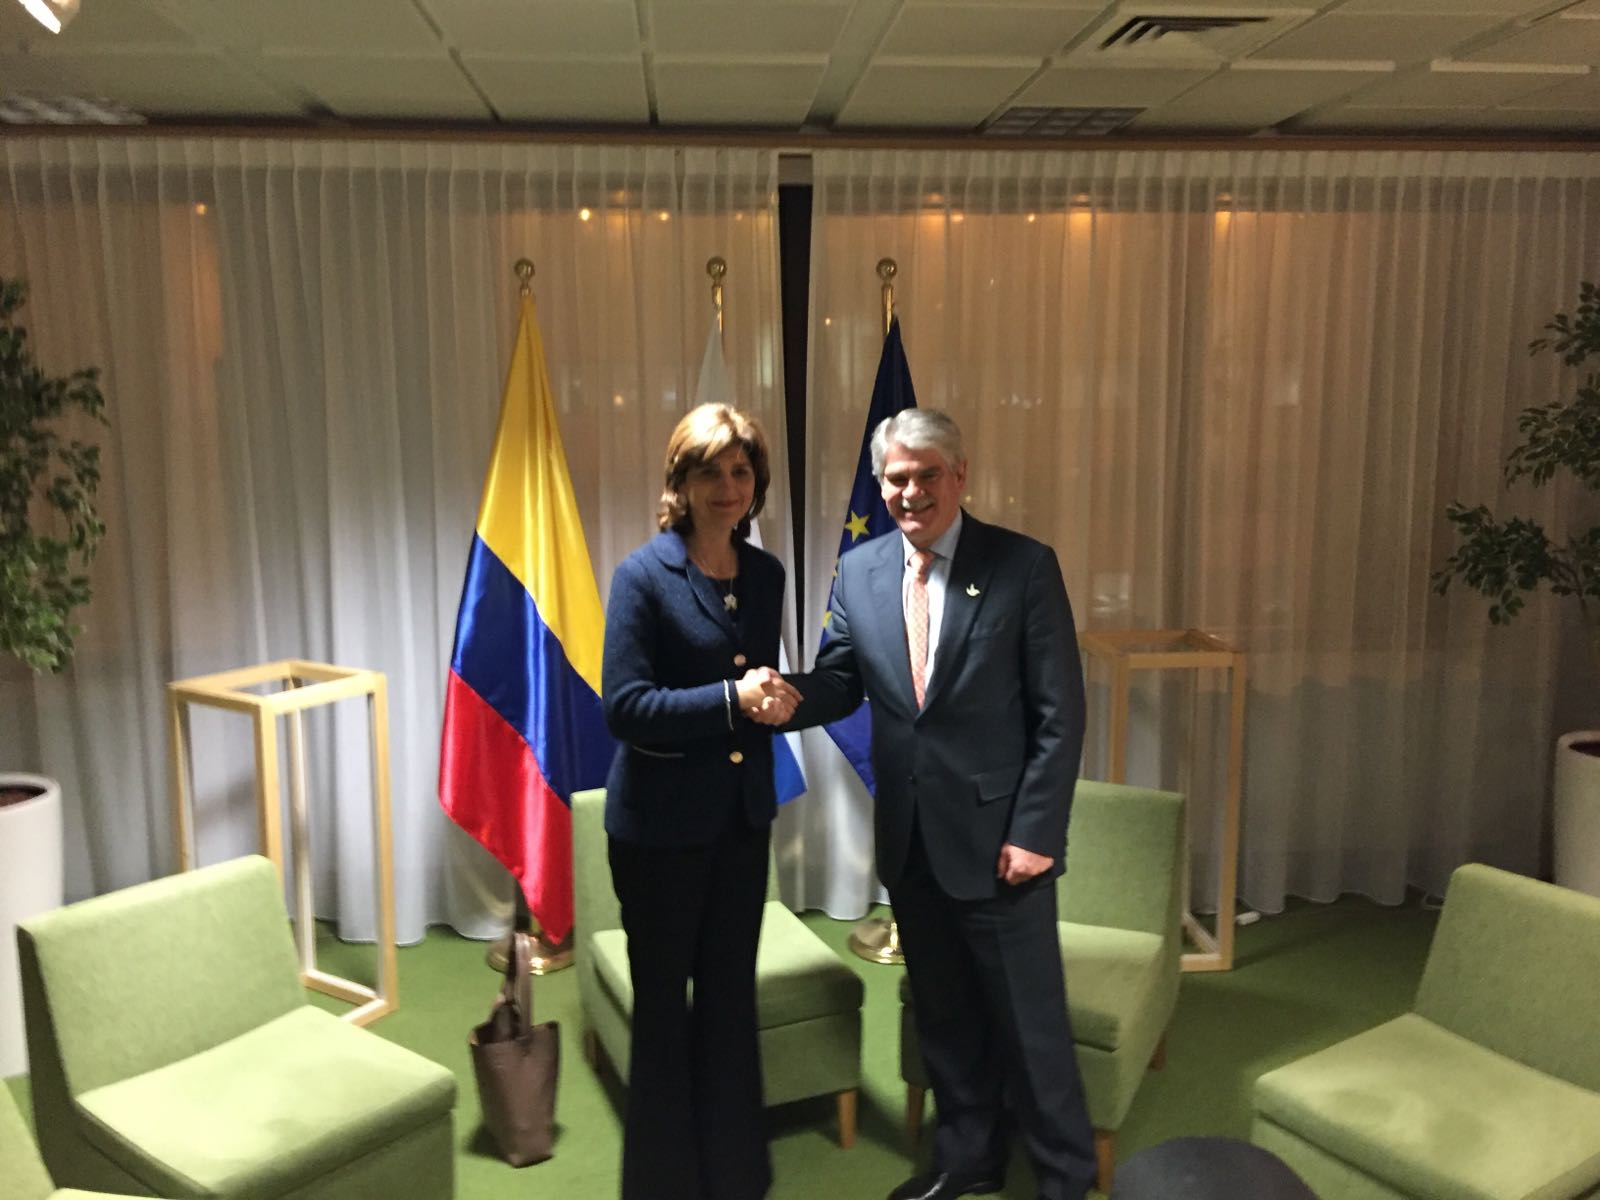 Ministros de relaciones exteriores de colombia y espa a se for Ministros de espana